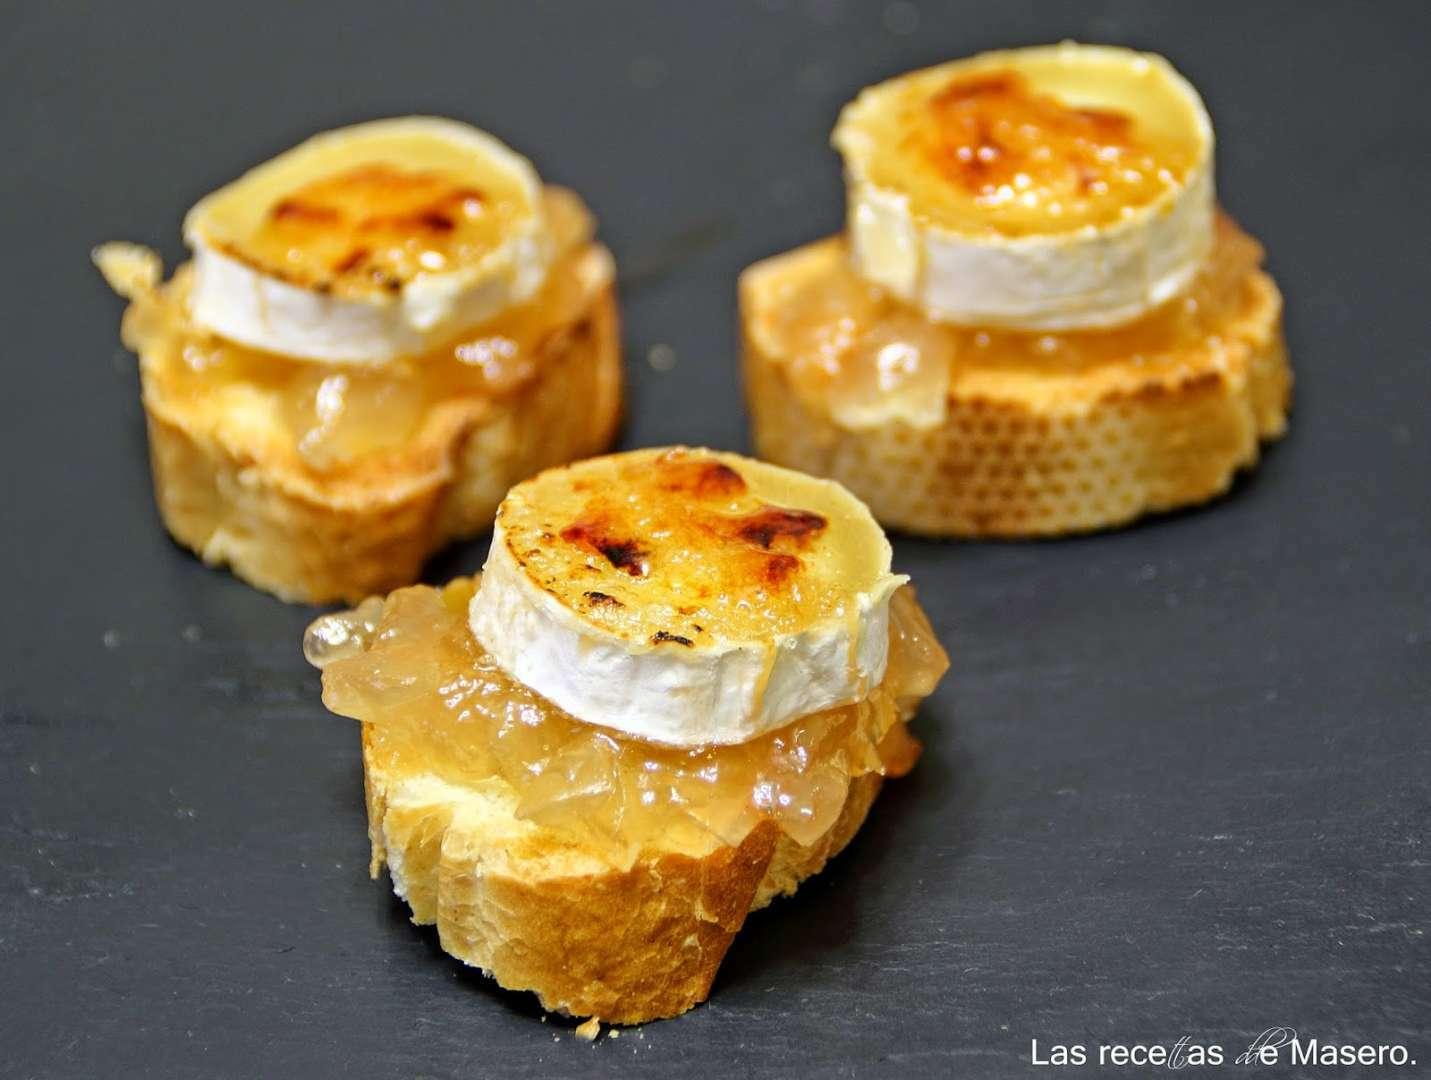 Canap de rulo de cabra caramelizado receta petitchef for Canape quiche recipe